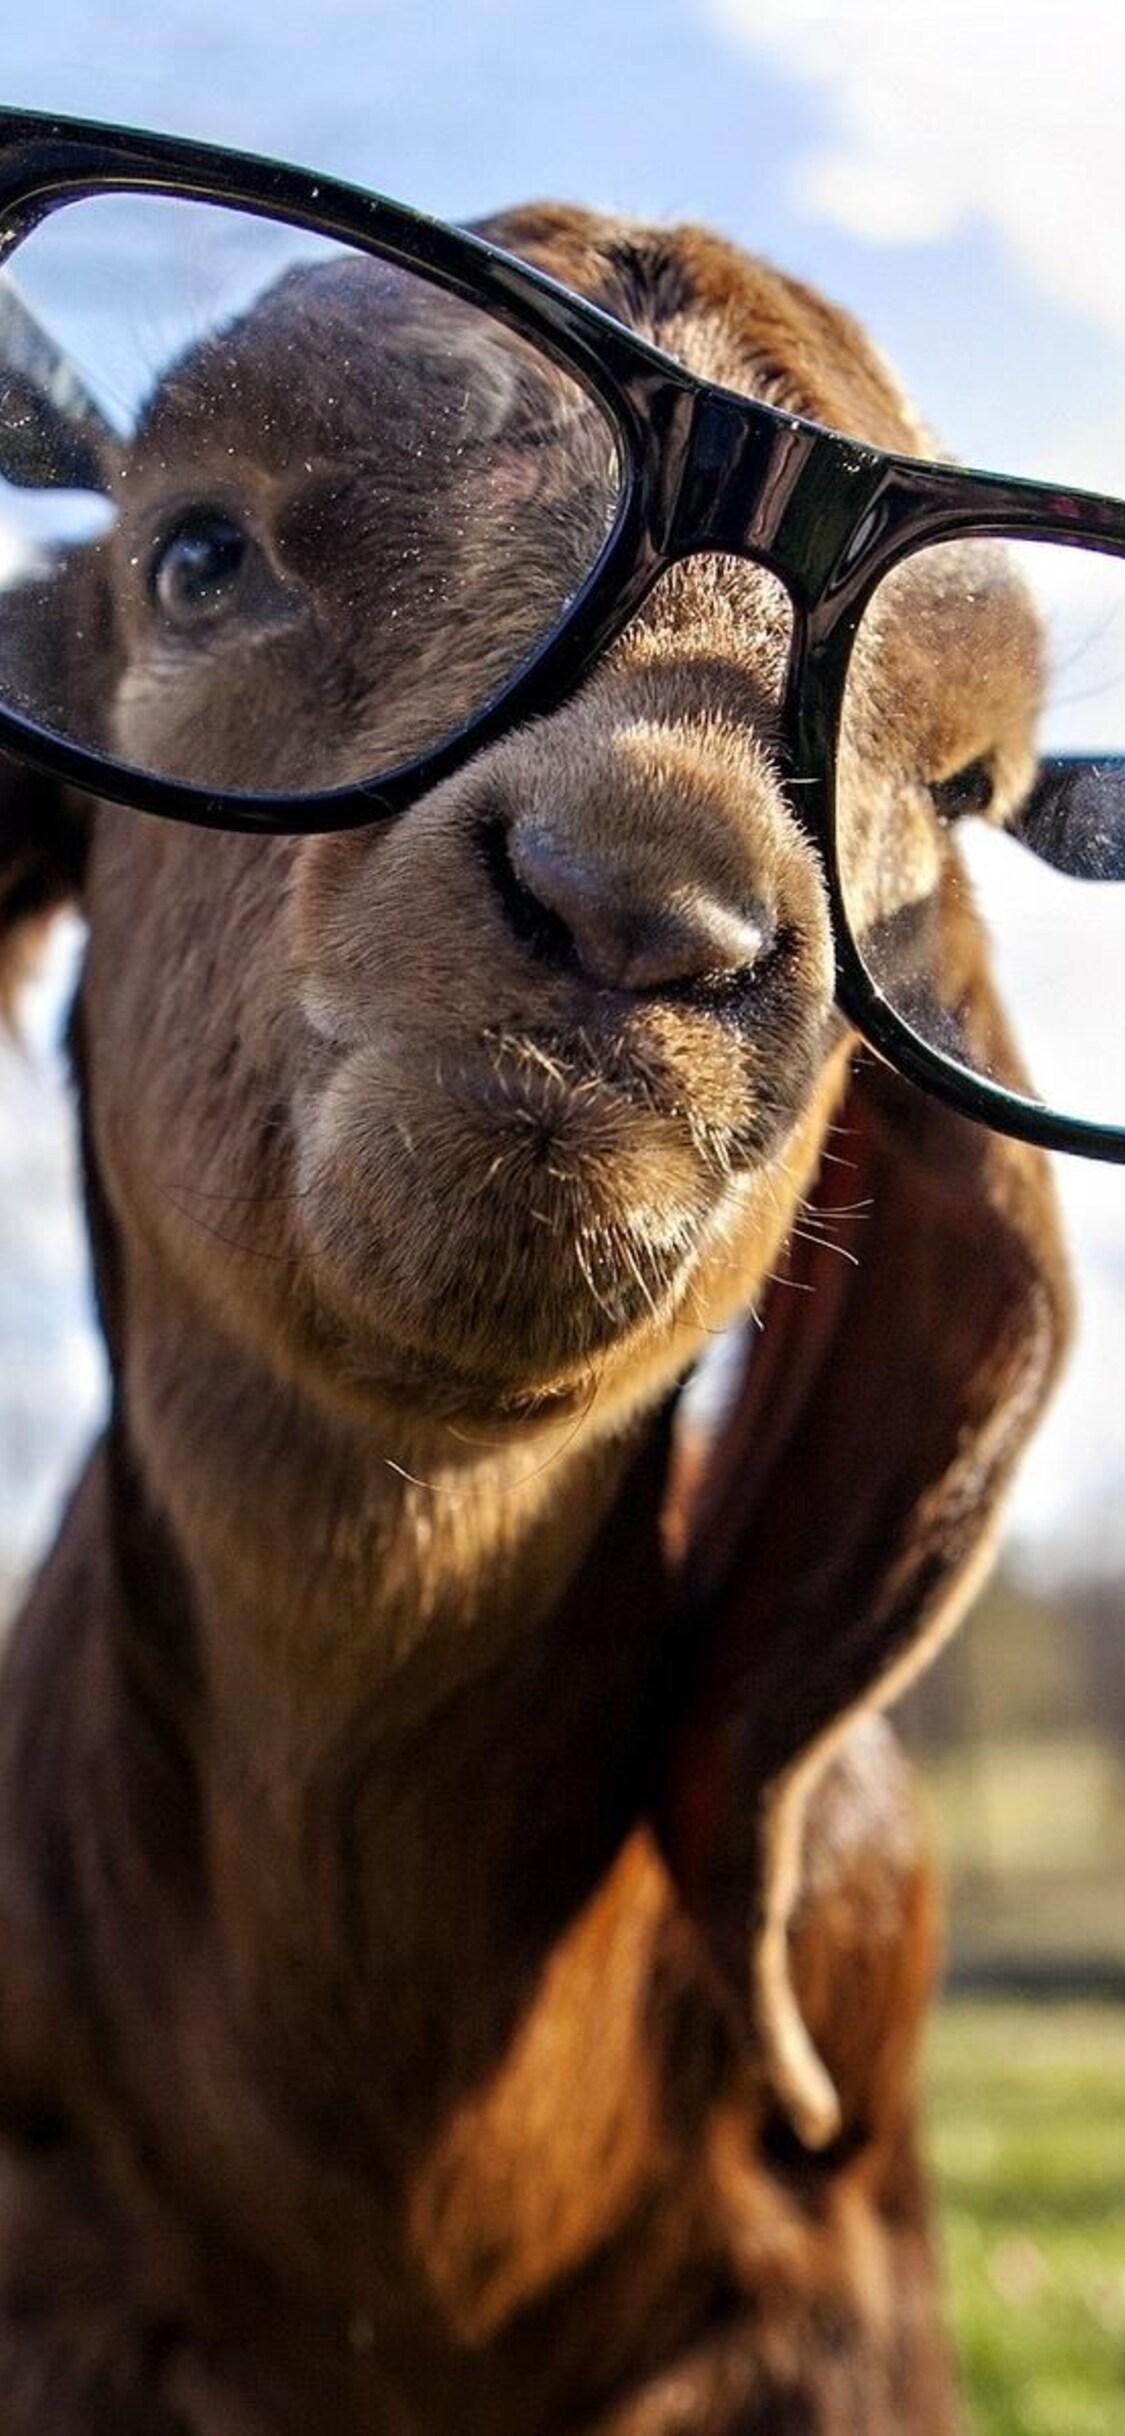 goat-got-swag.jpg